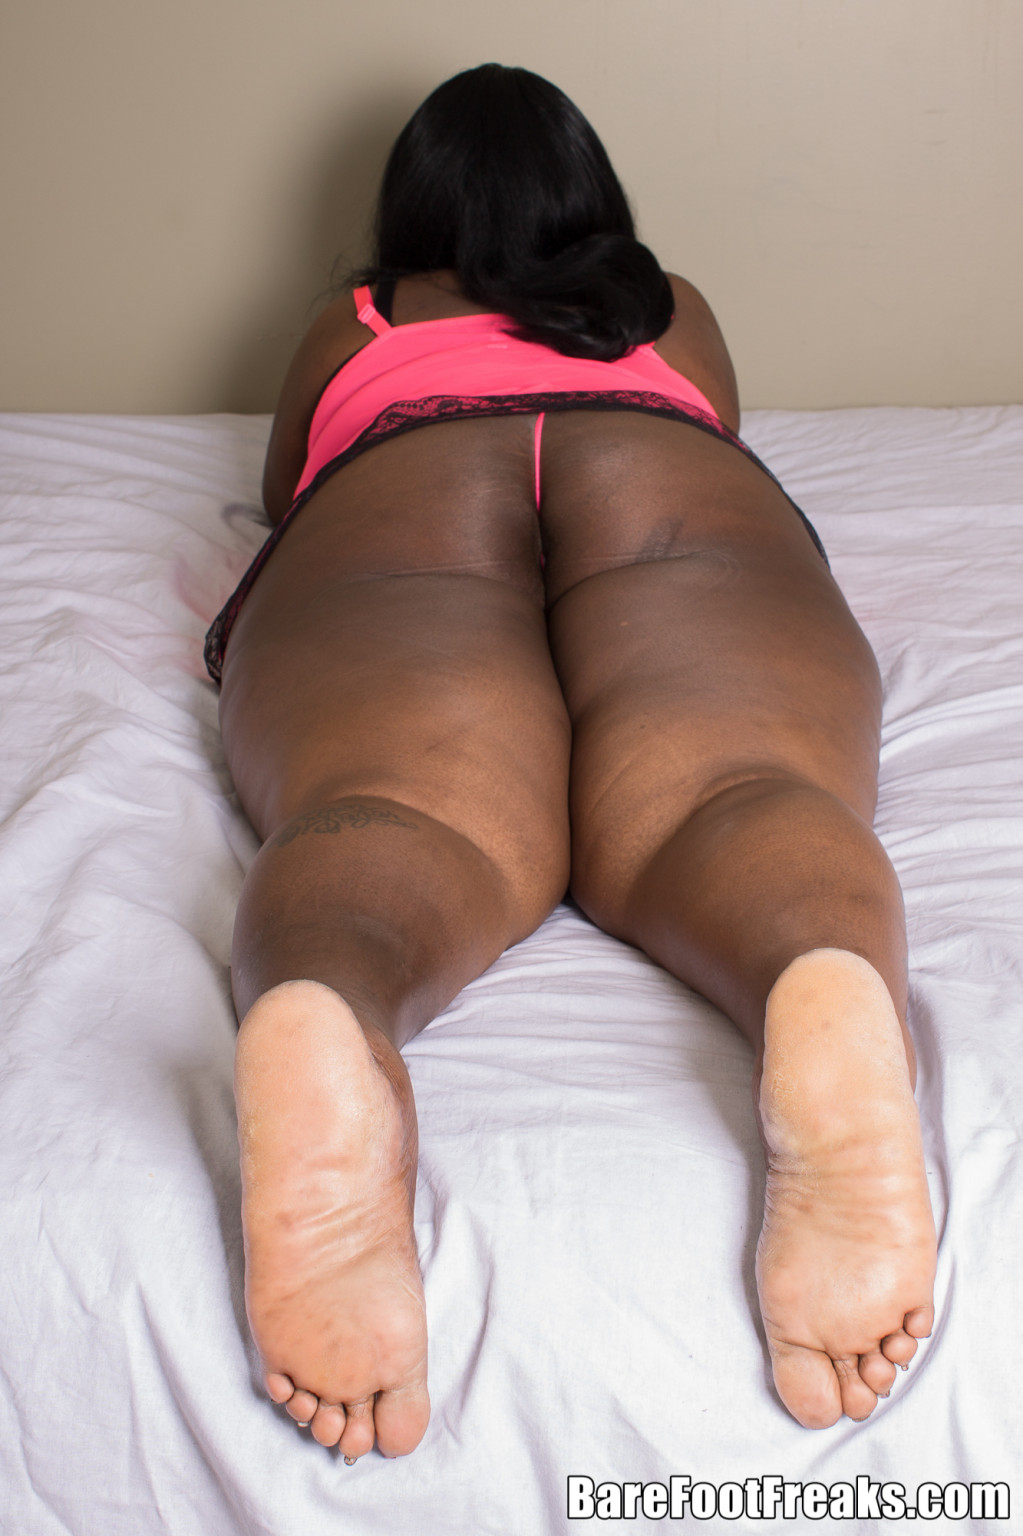 Красивые ножки - Порно галерея № 3435299